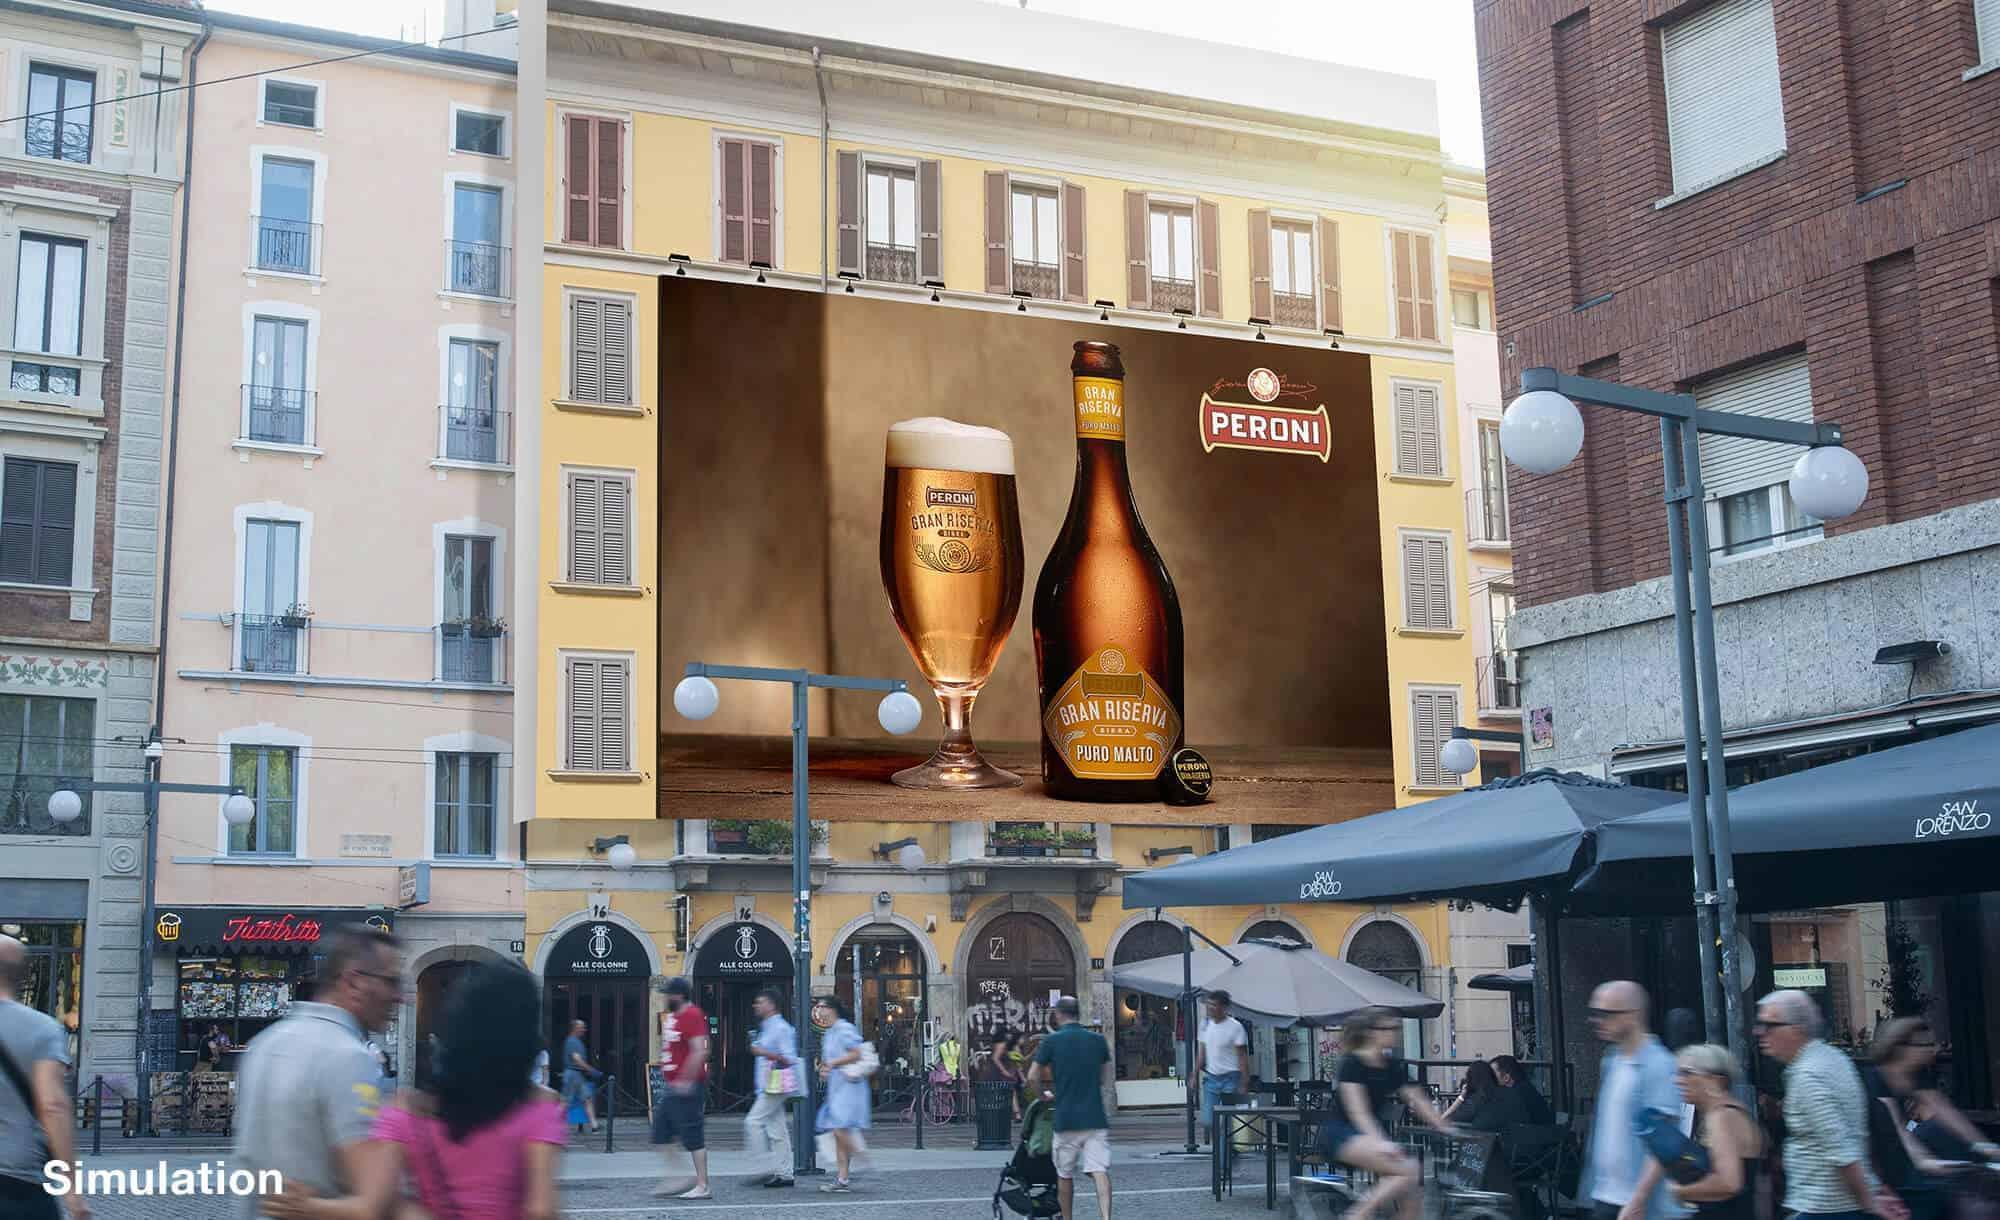 Maxi Affissione a Milano in Corso Ticinese 16 di Peroni (beverage)